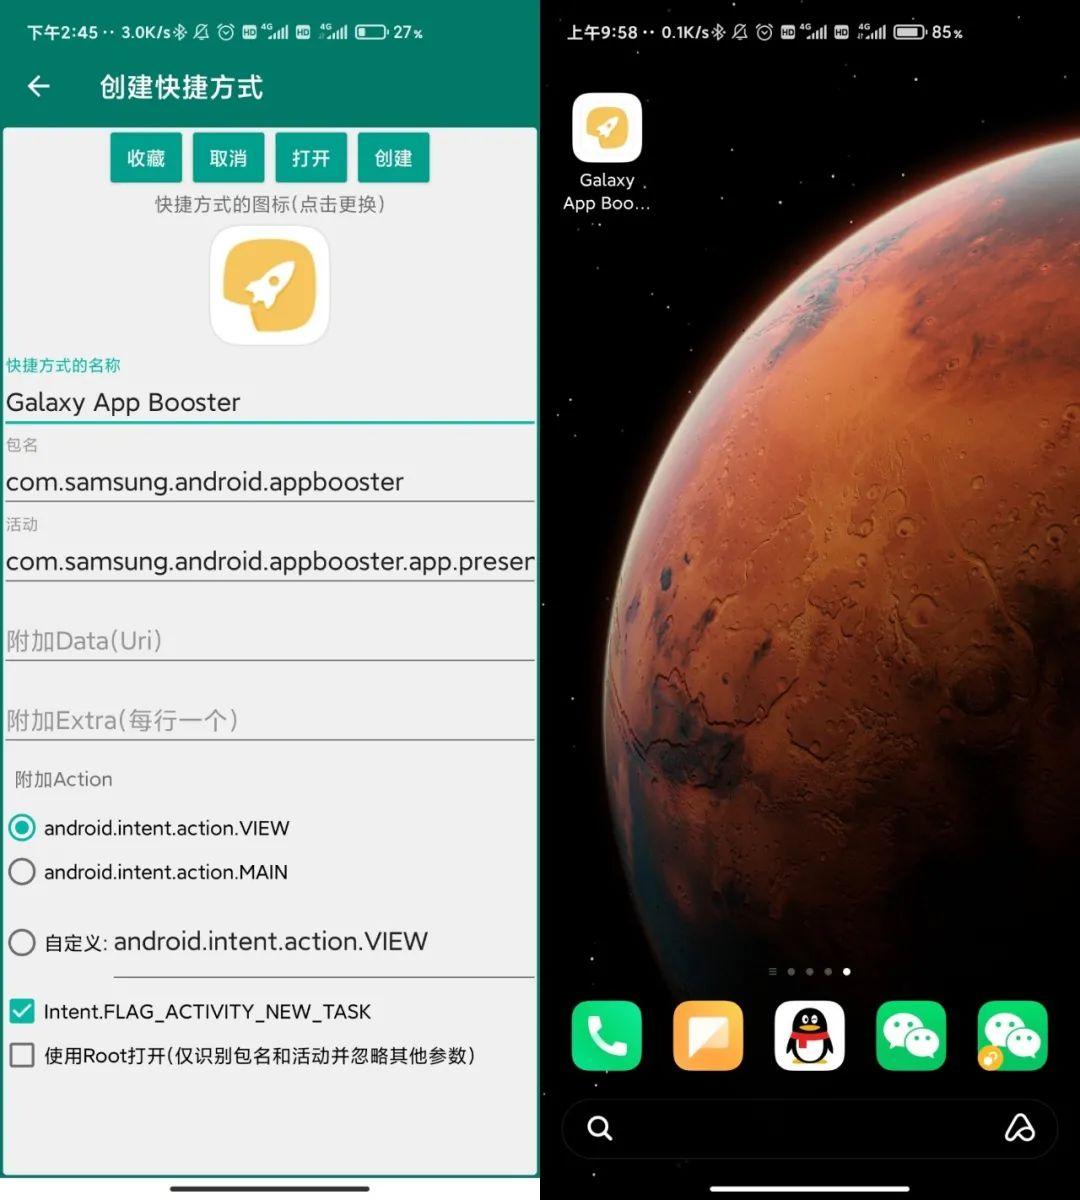 酷安上一夜爆红的软件:一键提升手机速度、优化续航!